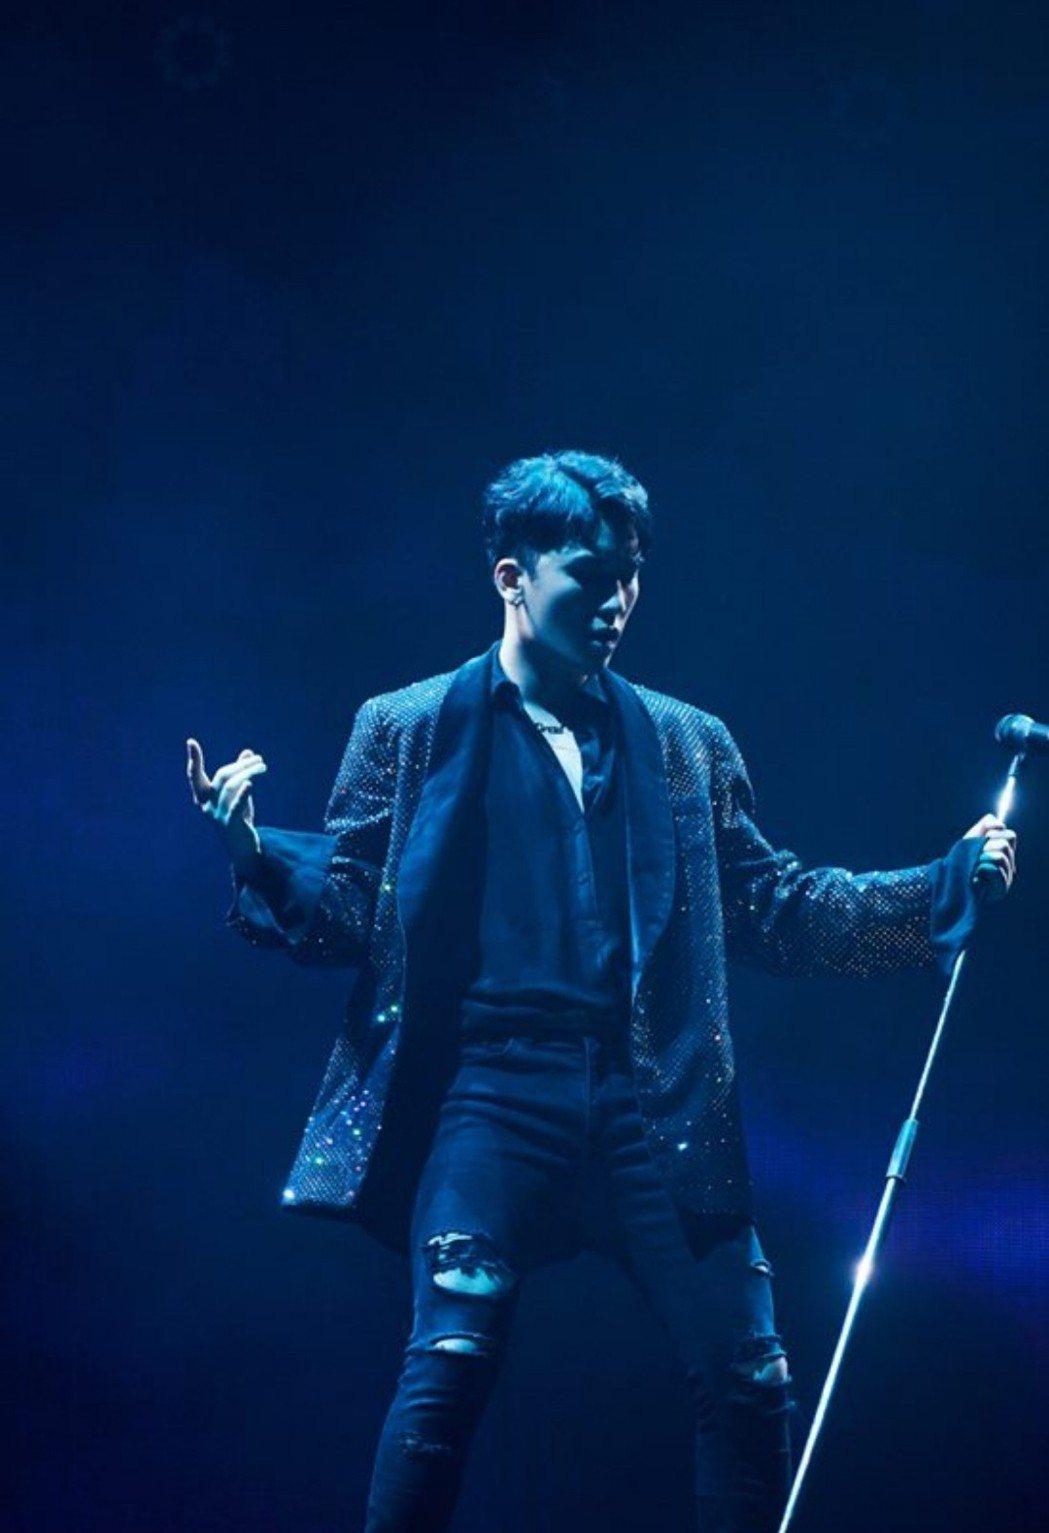 勝利在演唱會上先向粉絲道歉。圖/摘自首爾經濟